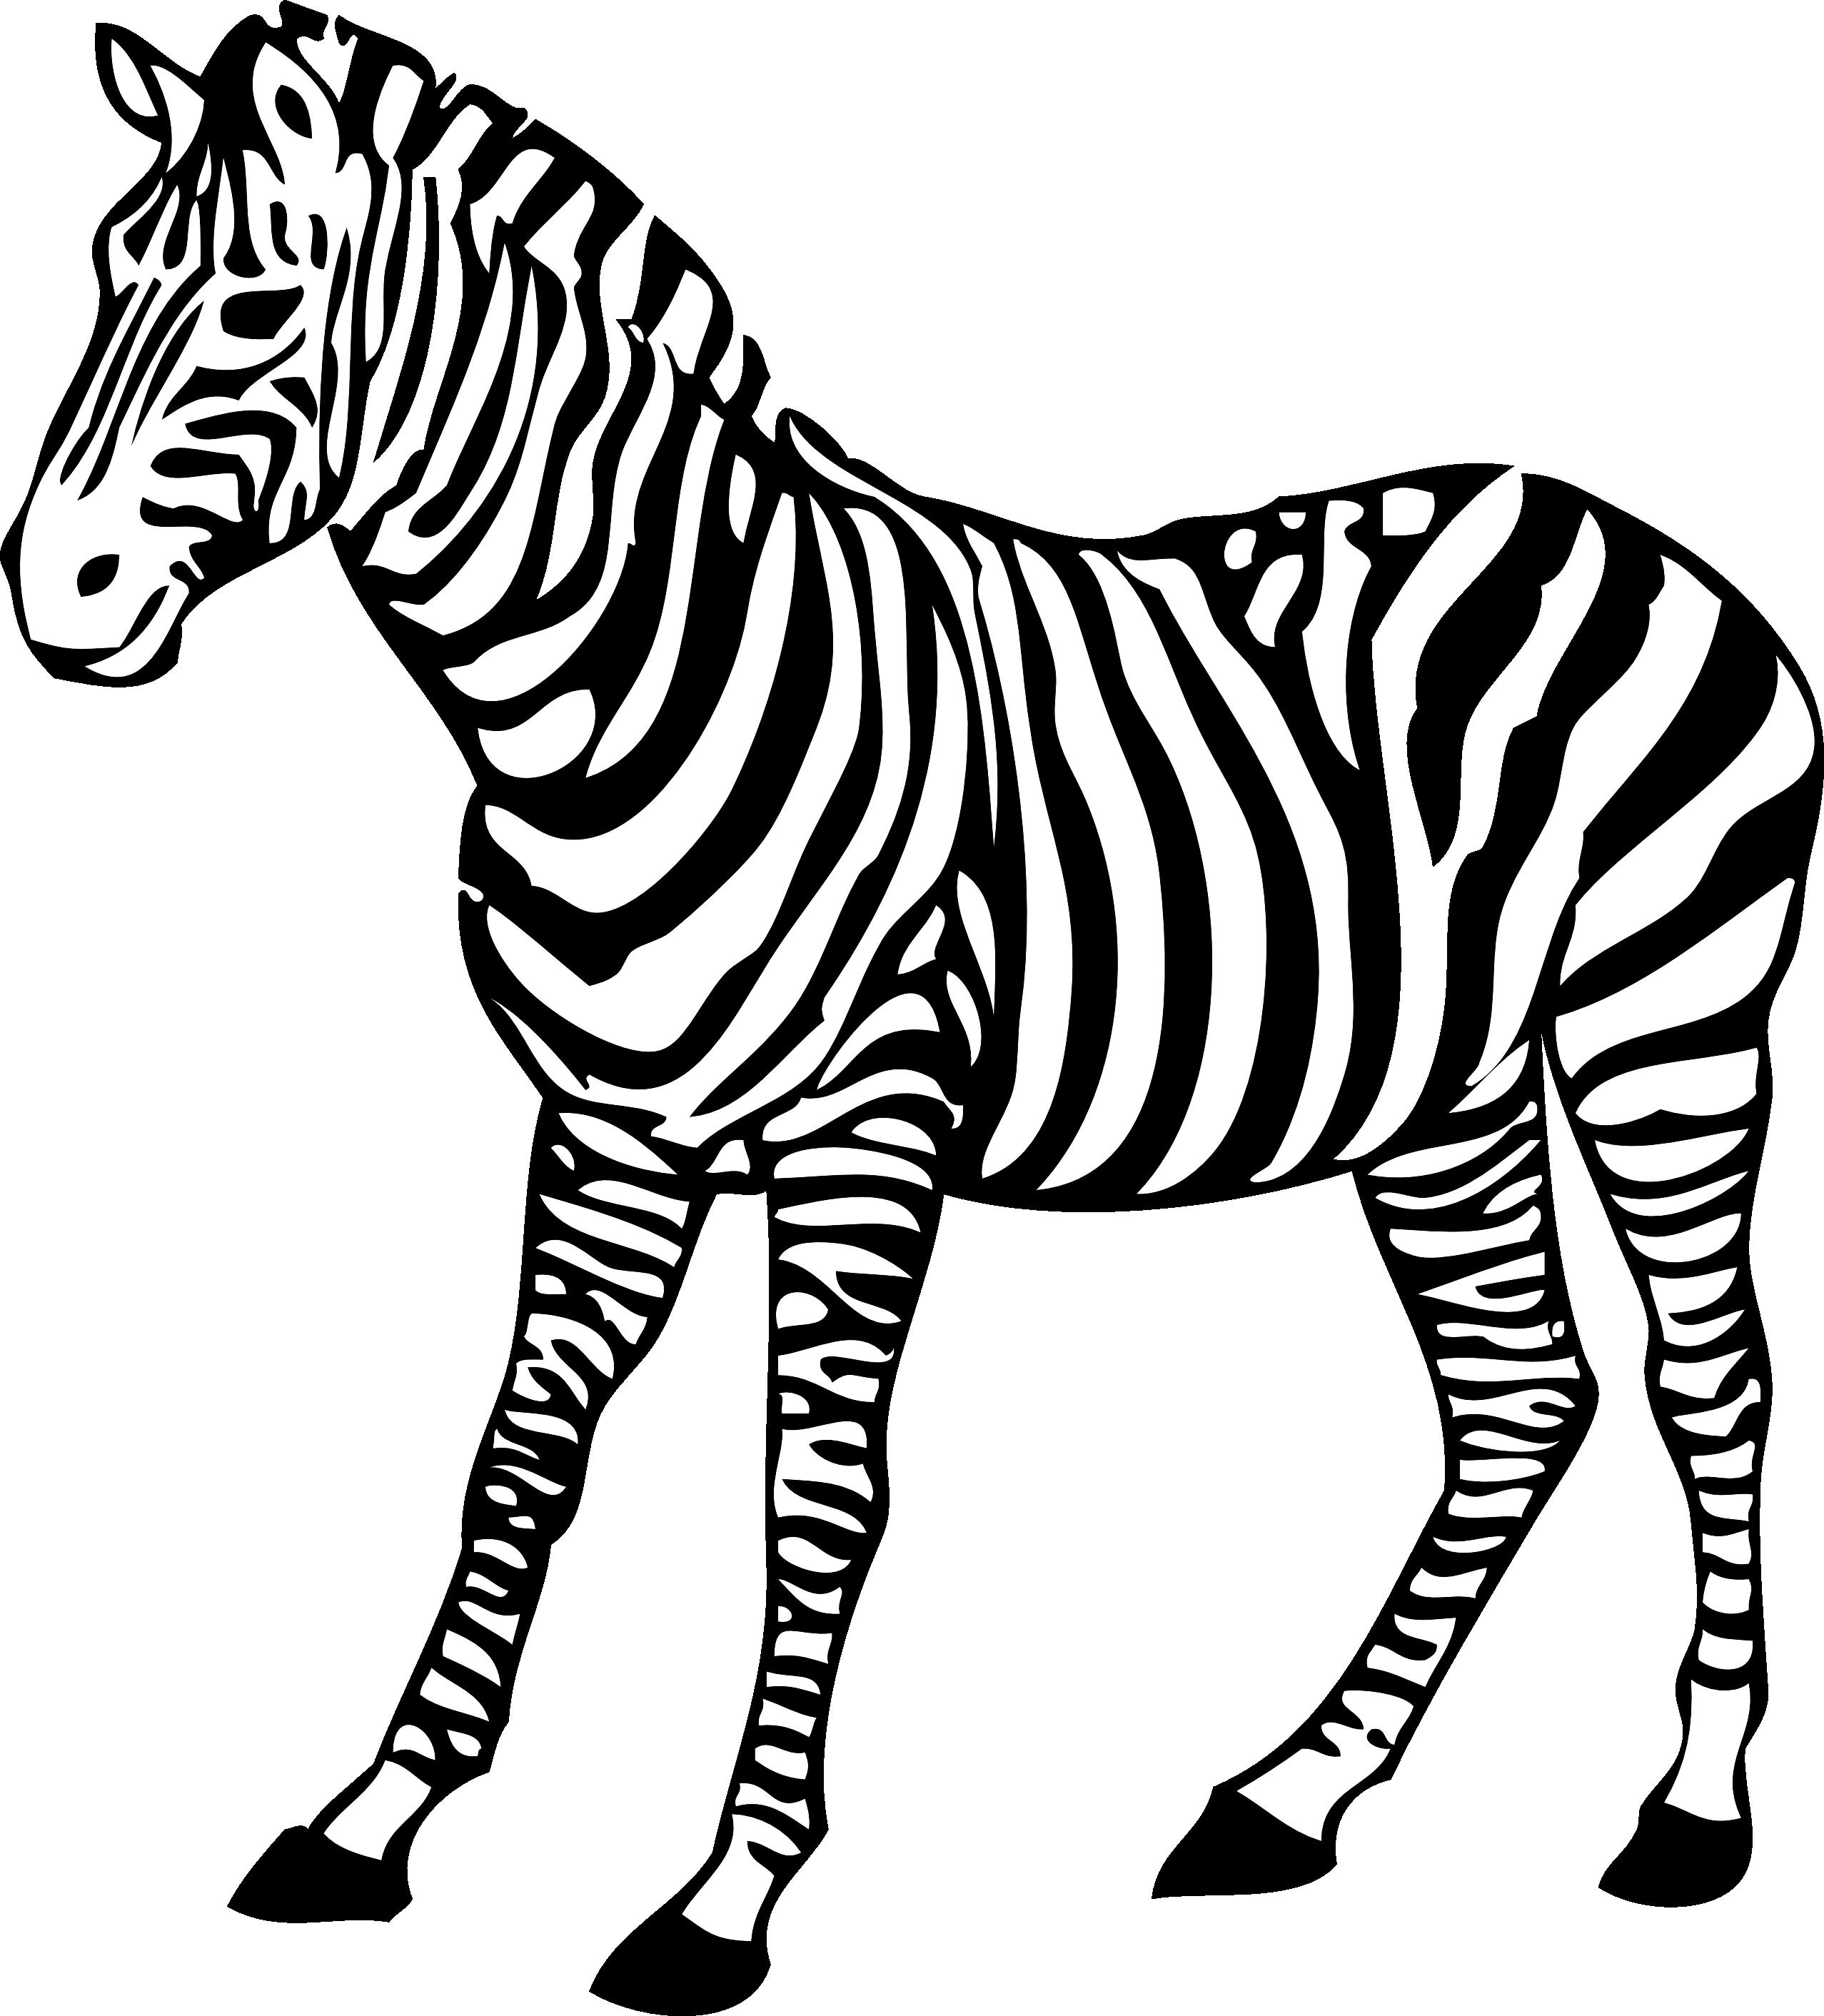 Zebra Clipart Black And White-zebra clipart black and white-12